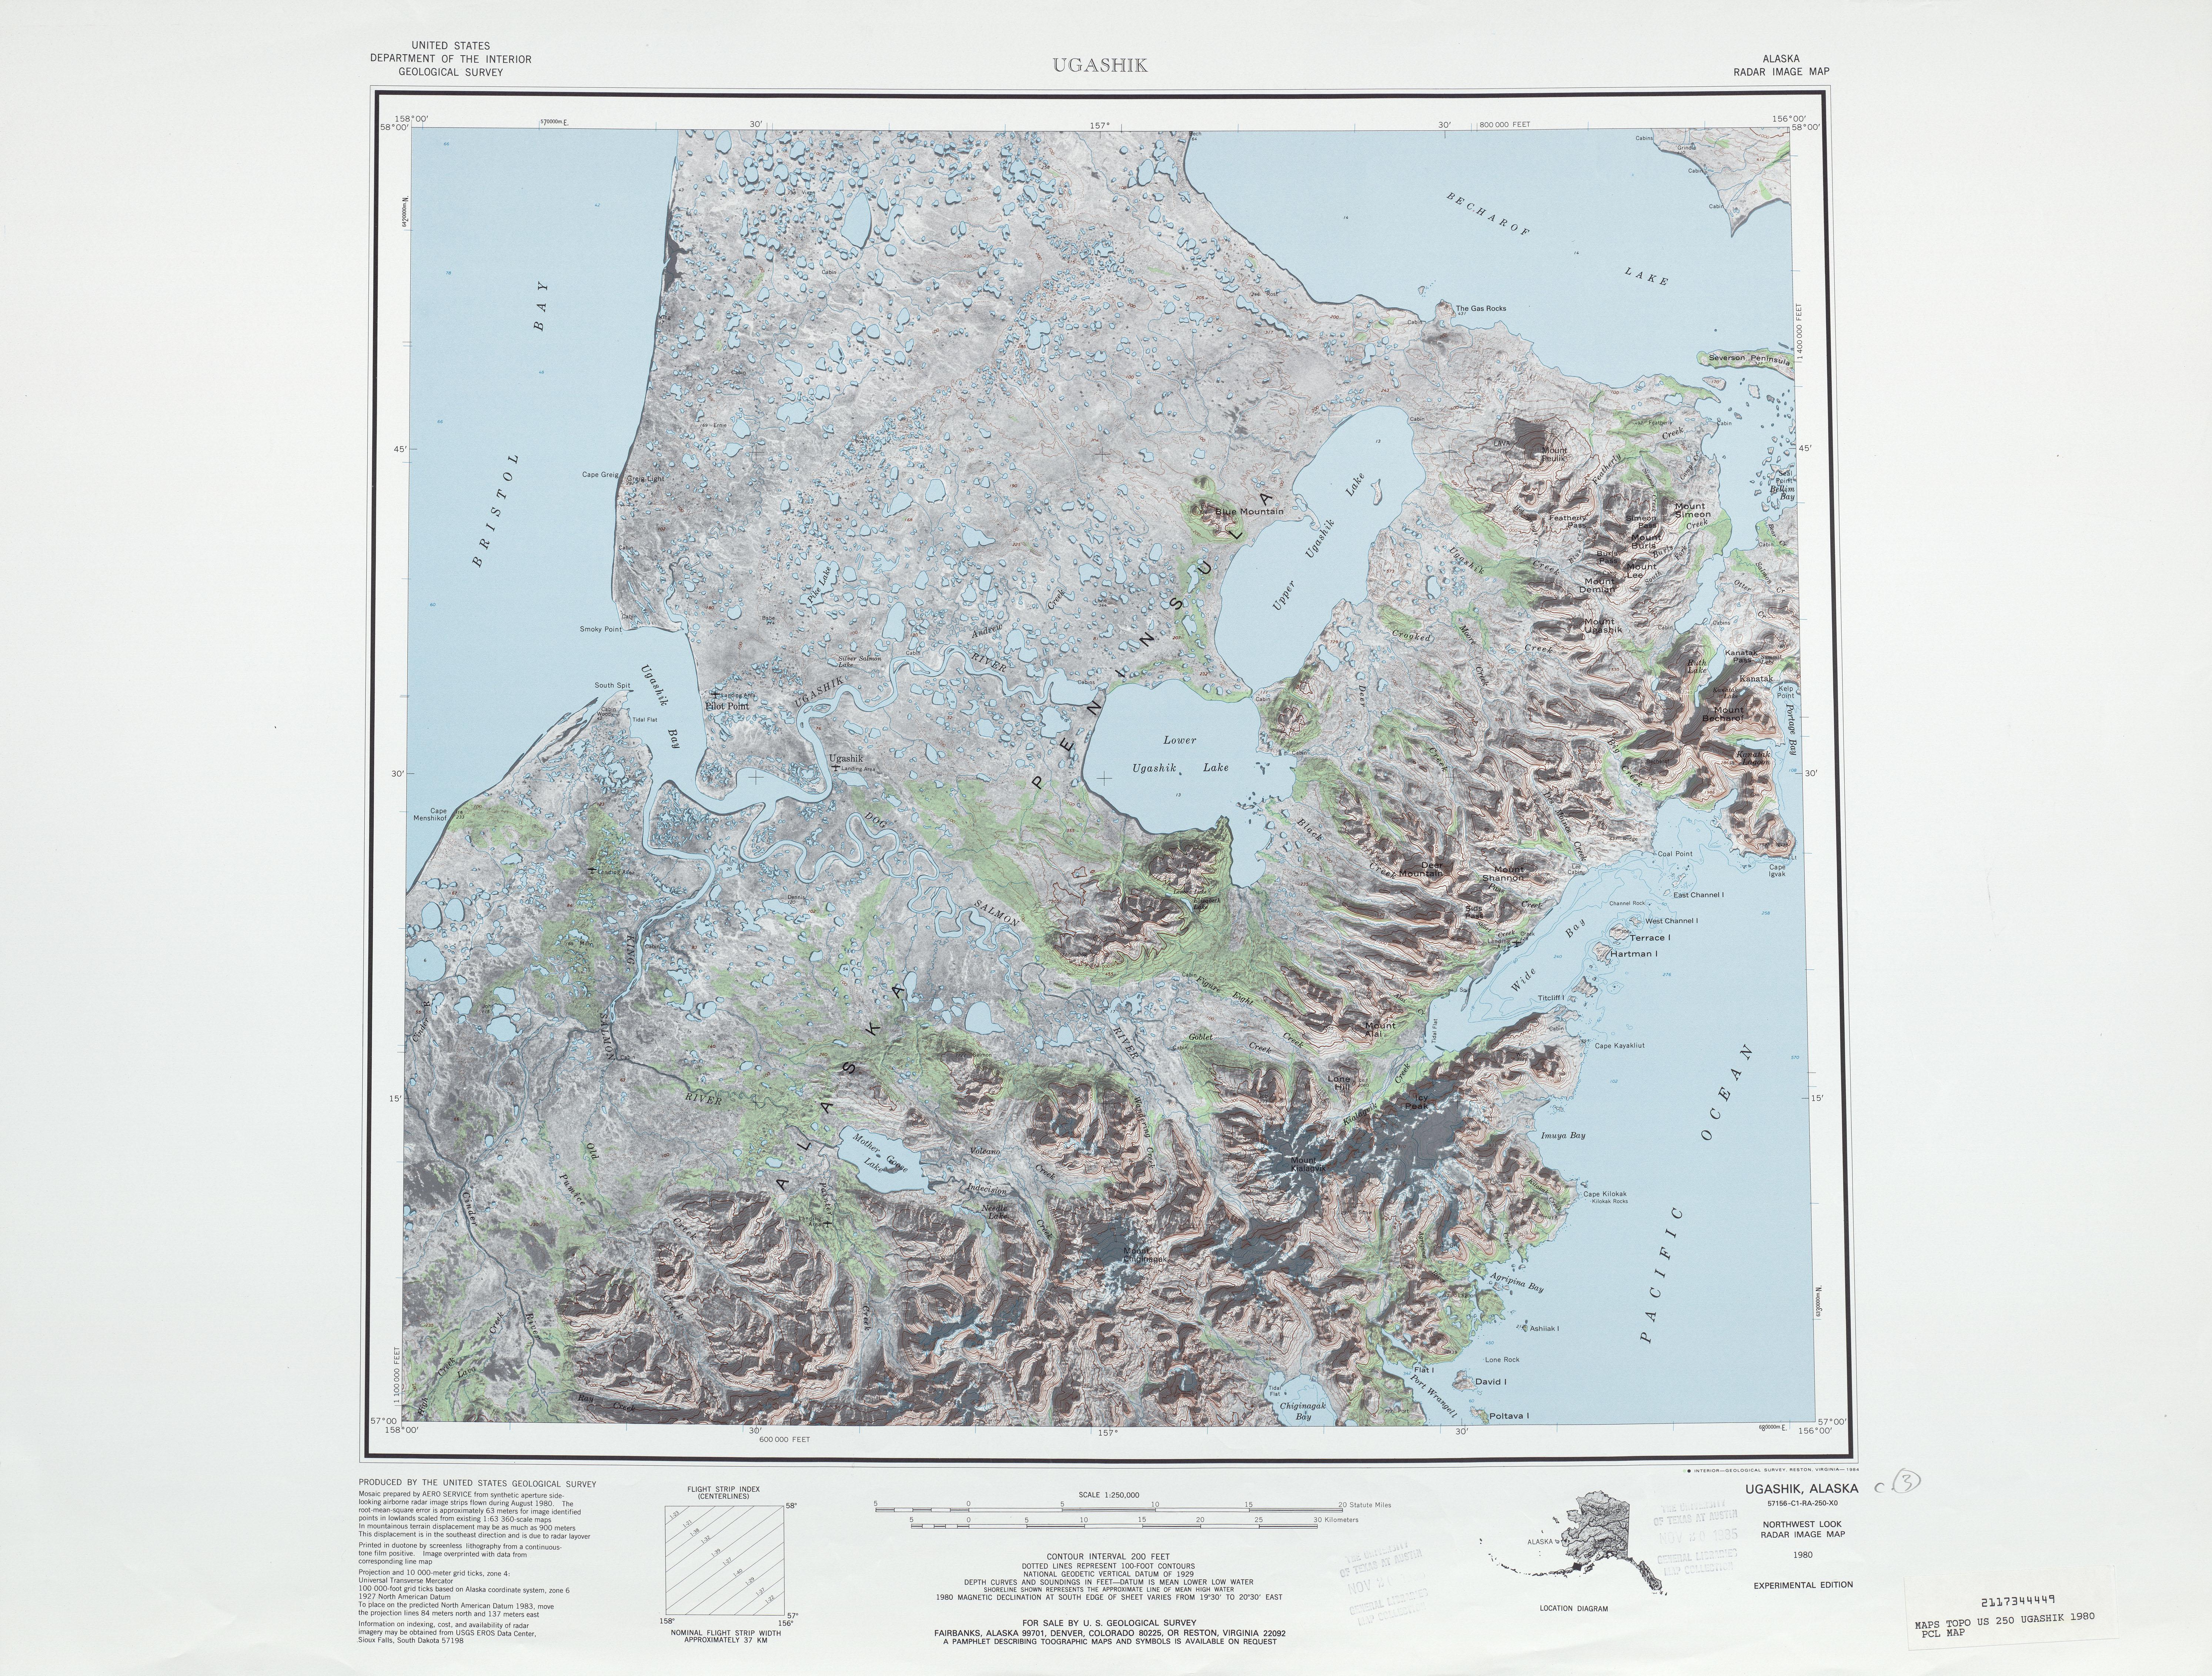 Hoja Ugashik del Mosaico de Imágenes Radar de los Estados Unidos 1980